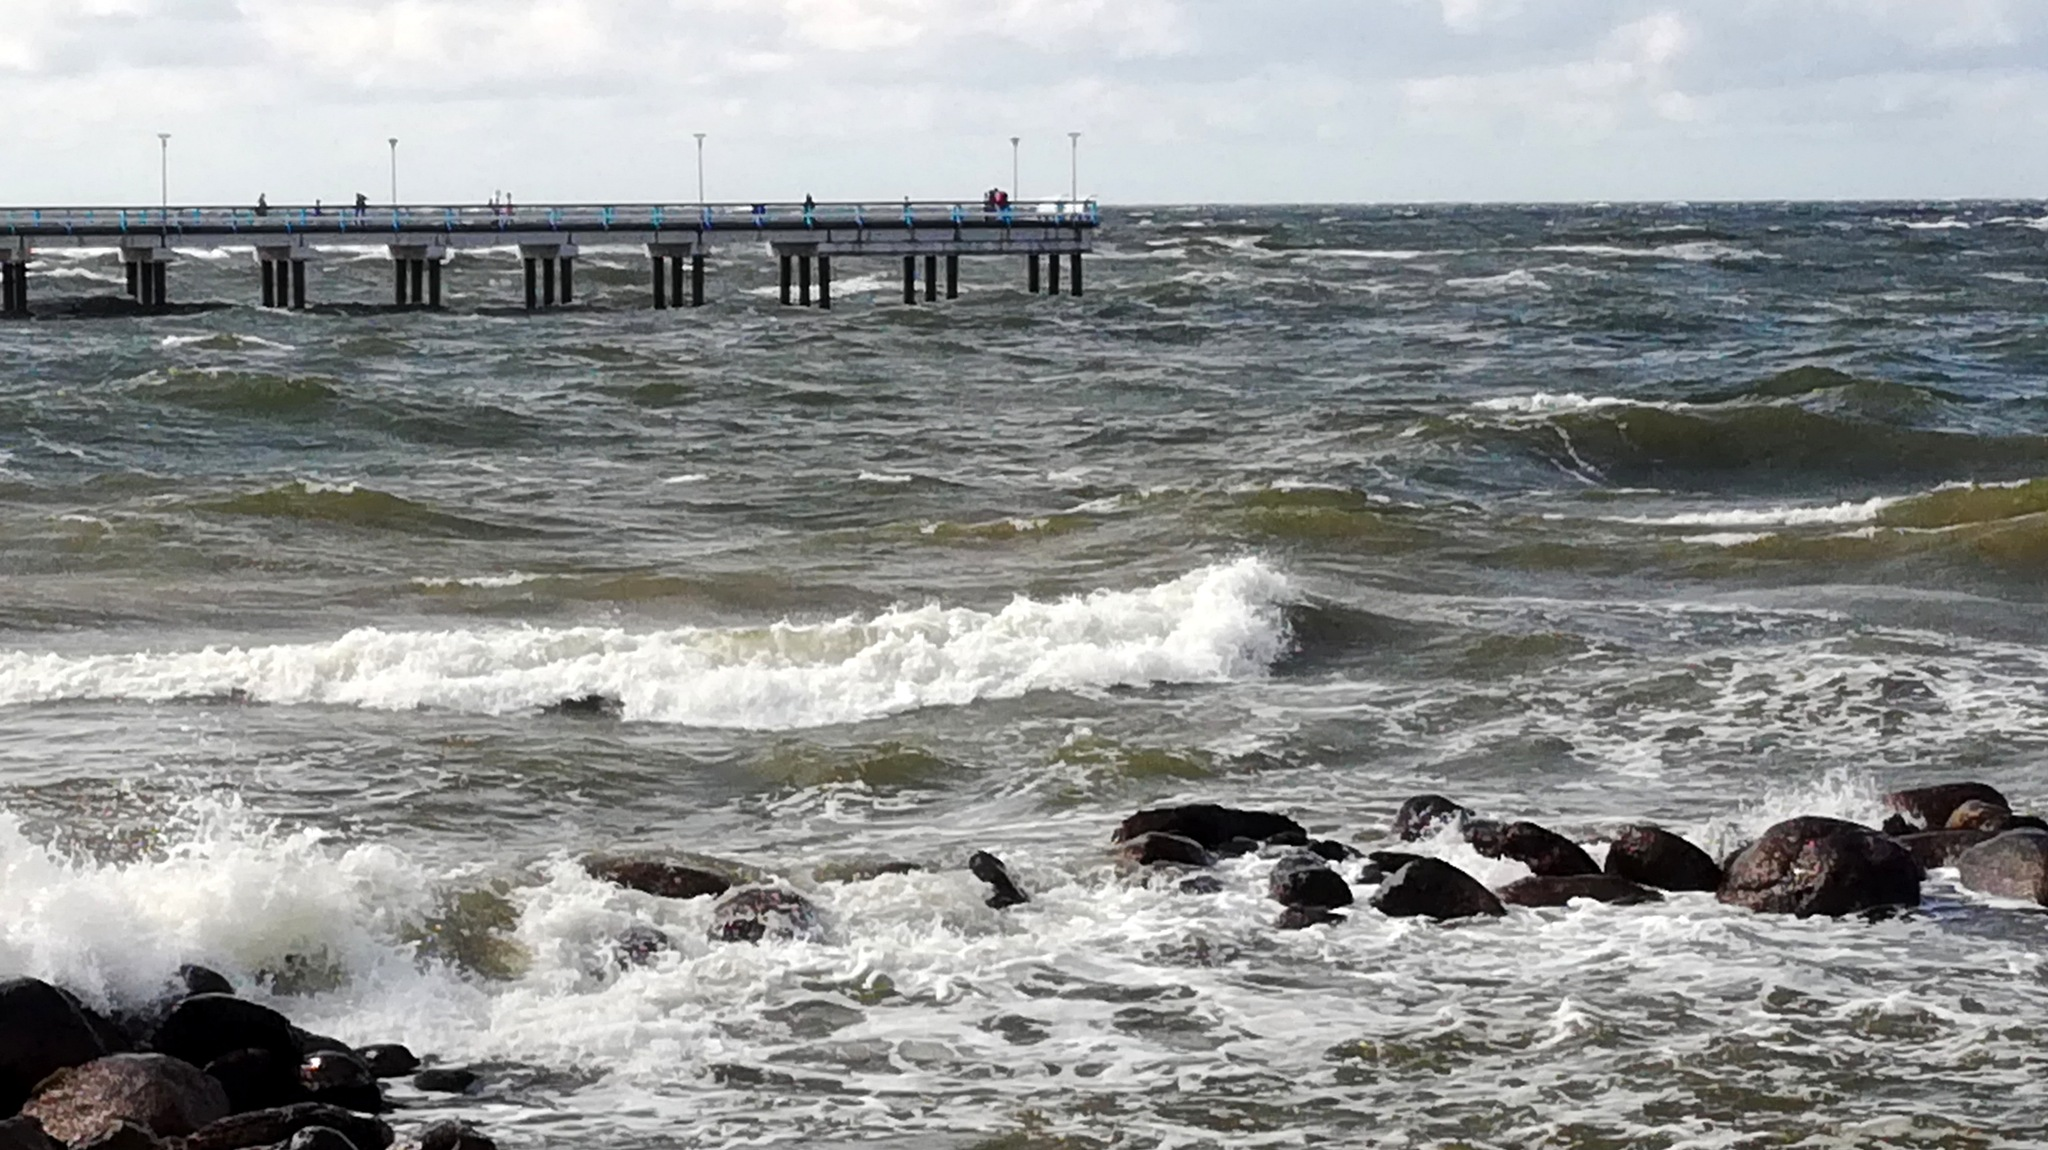 Sea by uzkuraitiene62